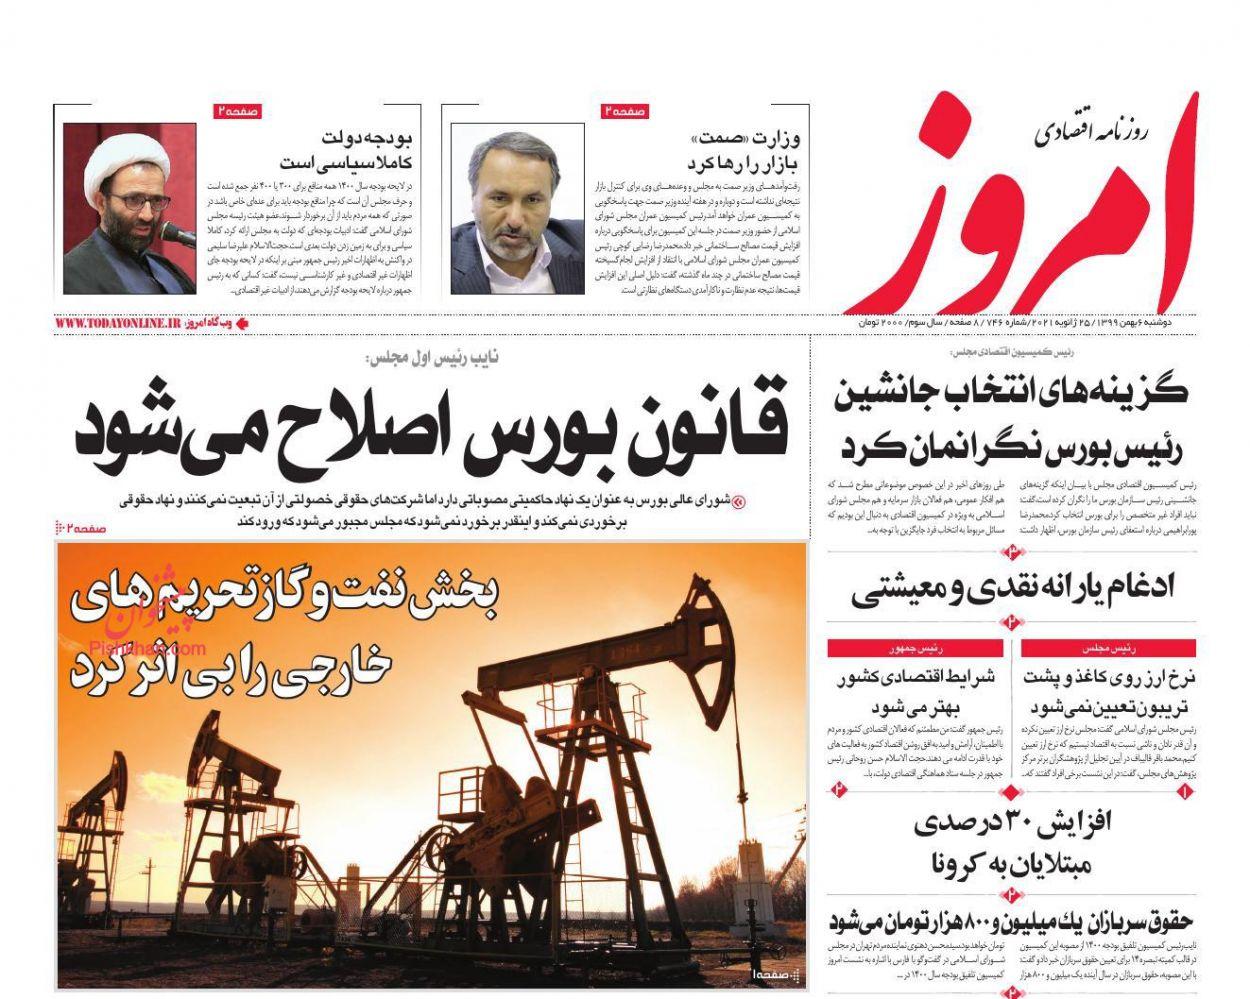 عناوین اخبار روزنامه امروز در روز دوشنبه ۶ بهمن